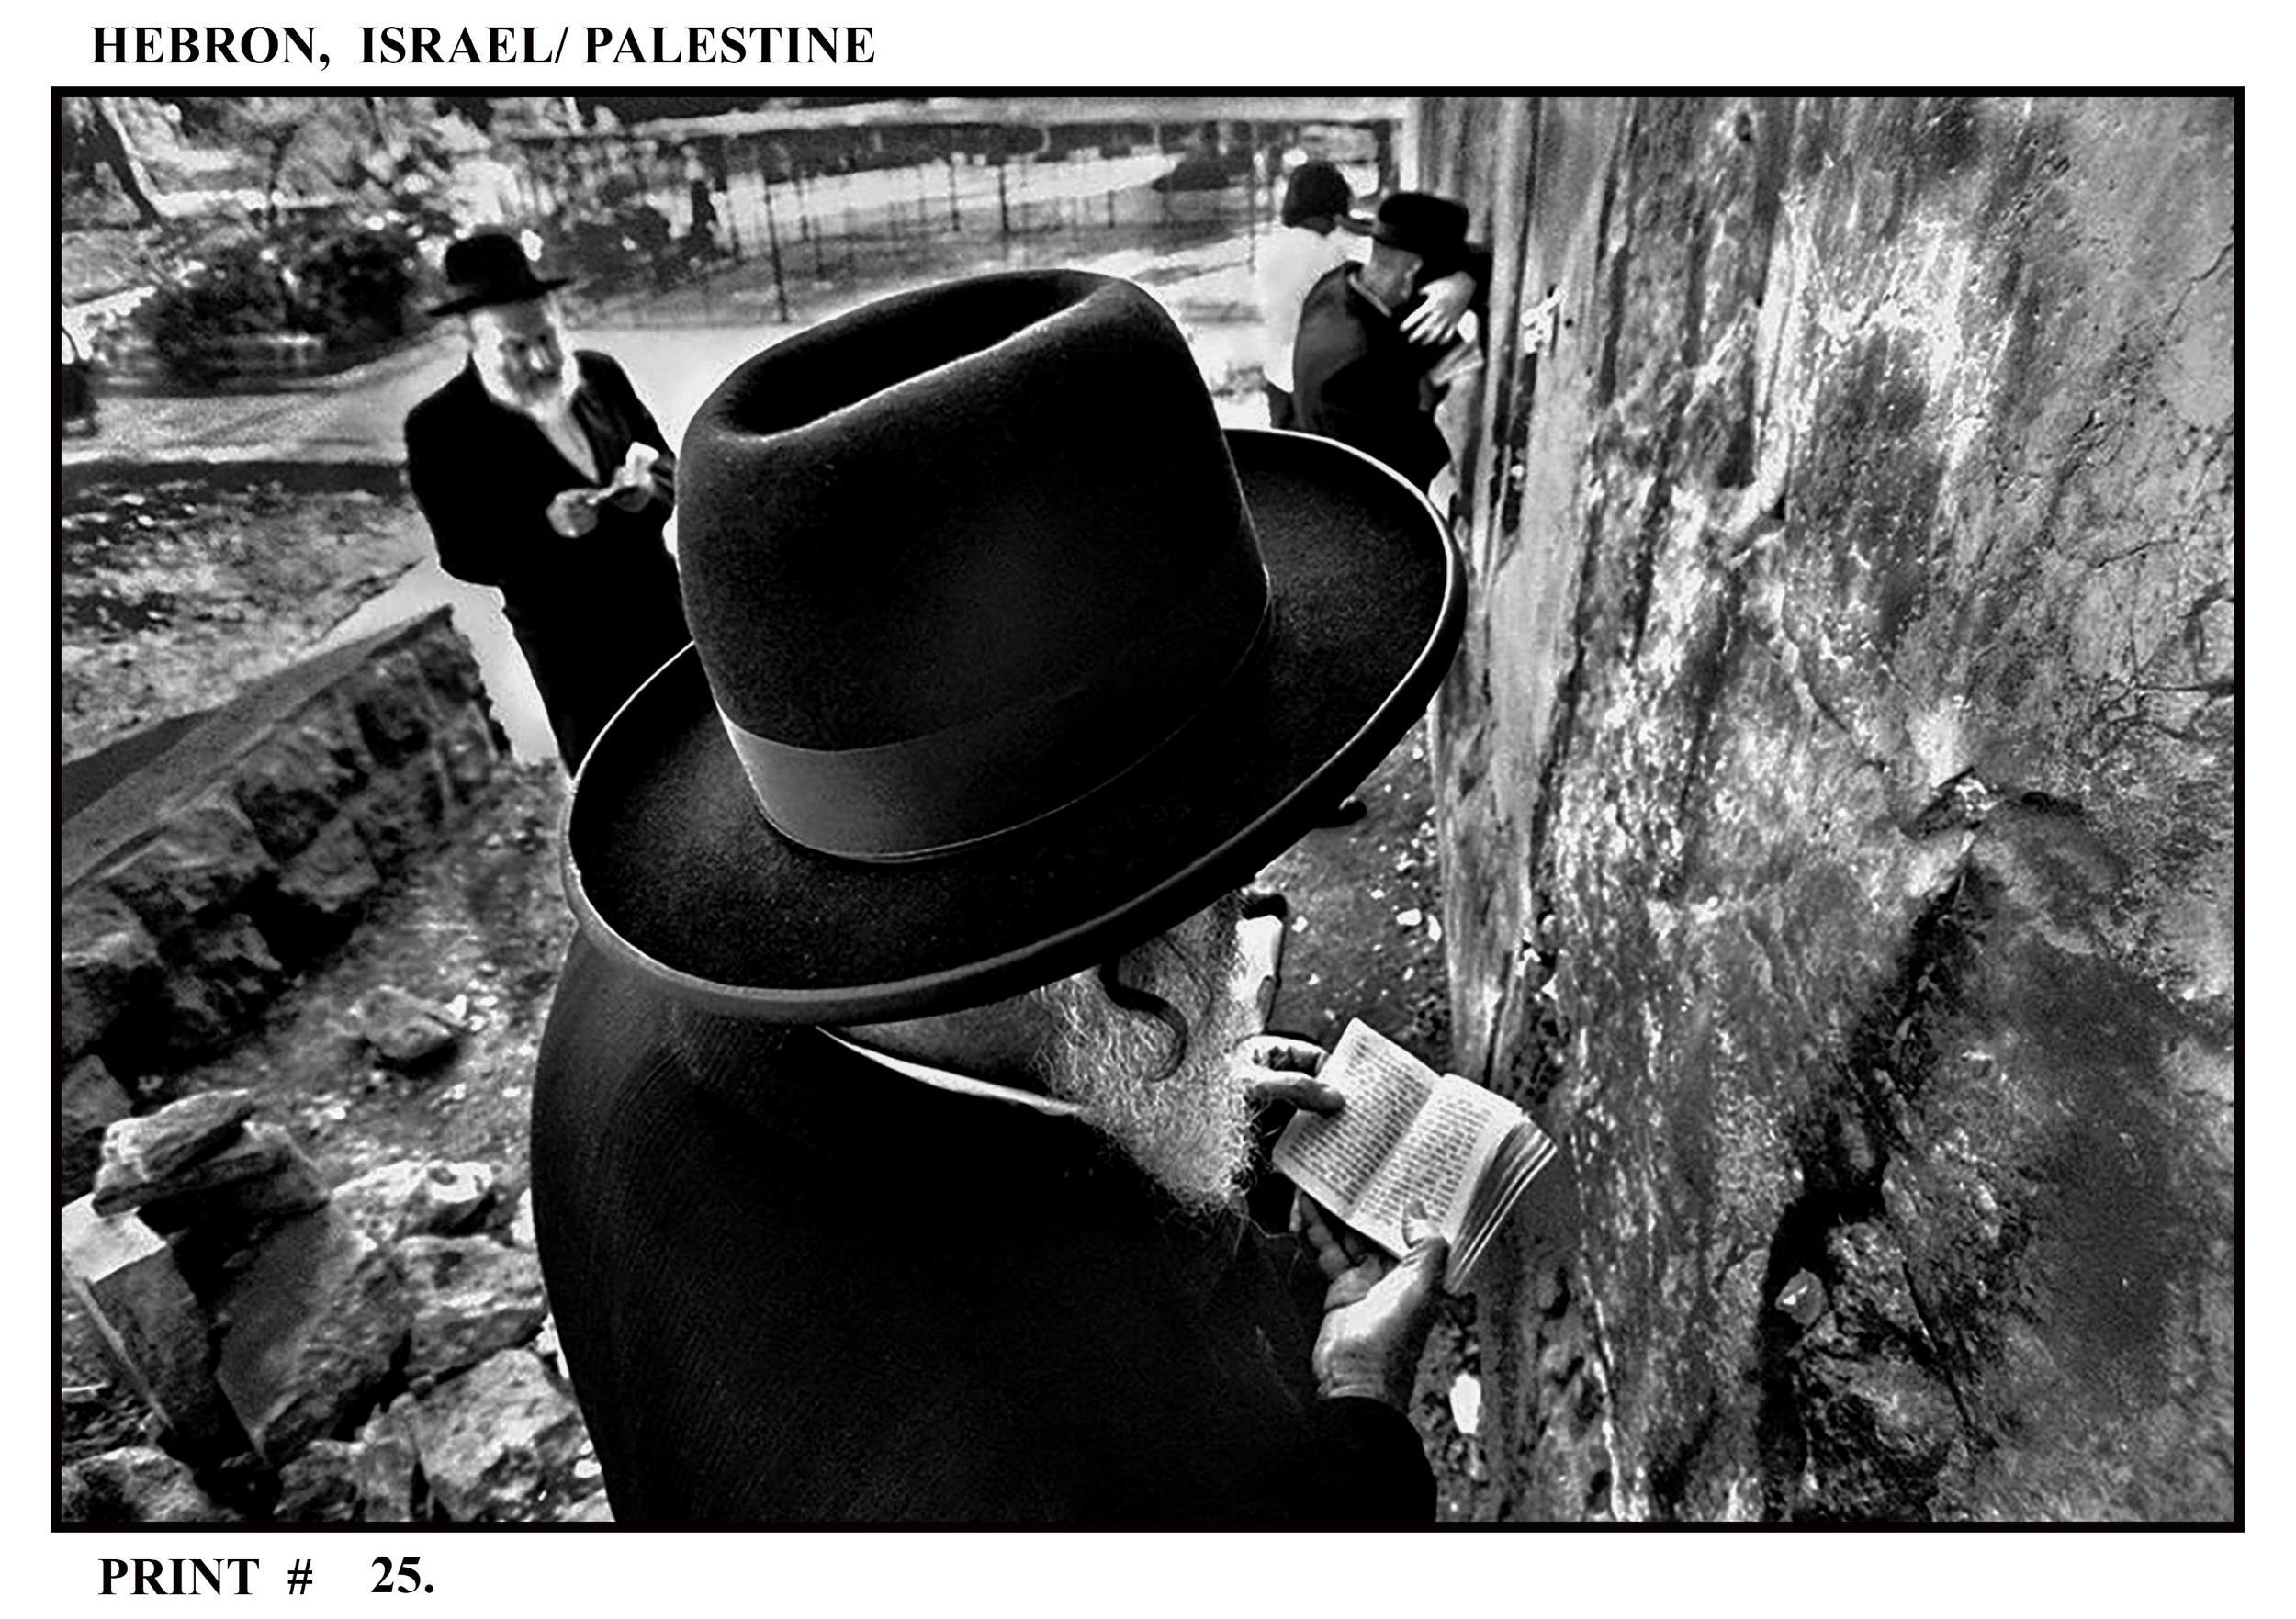 025HEBRON, ISRAEL-PALESTINE copy.jpg